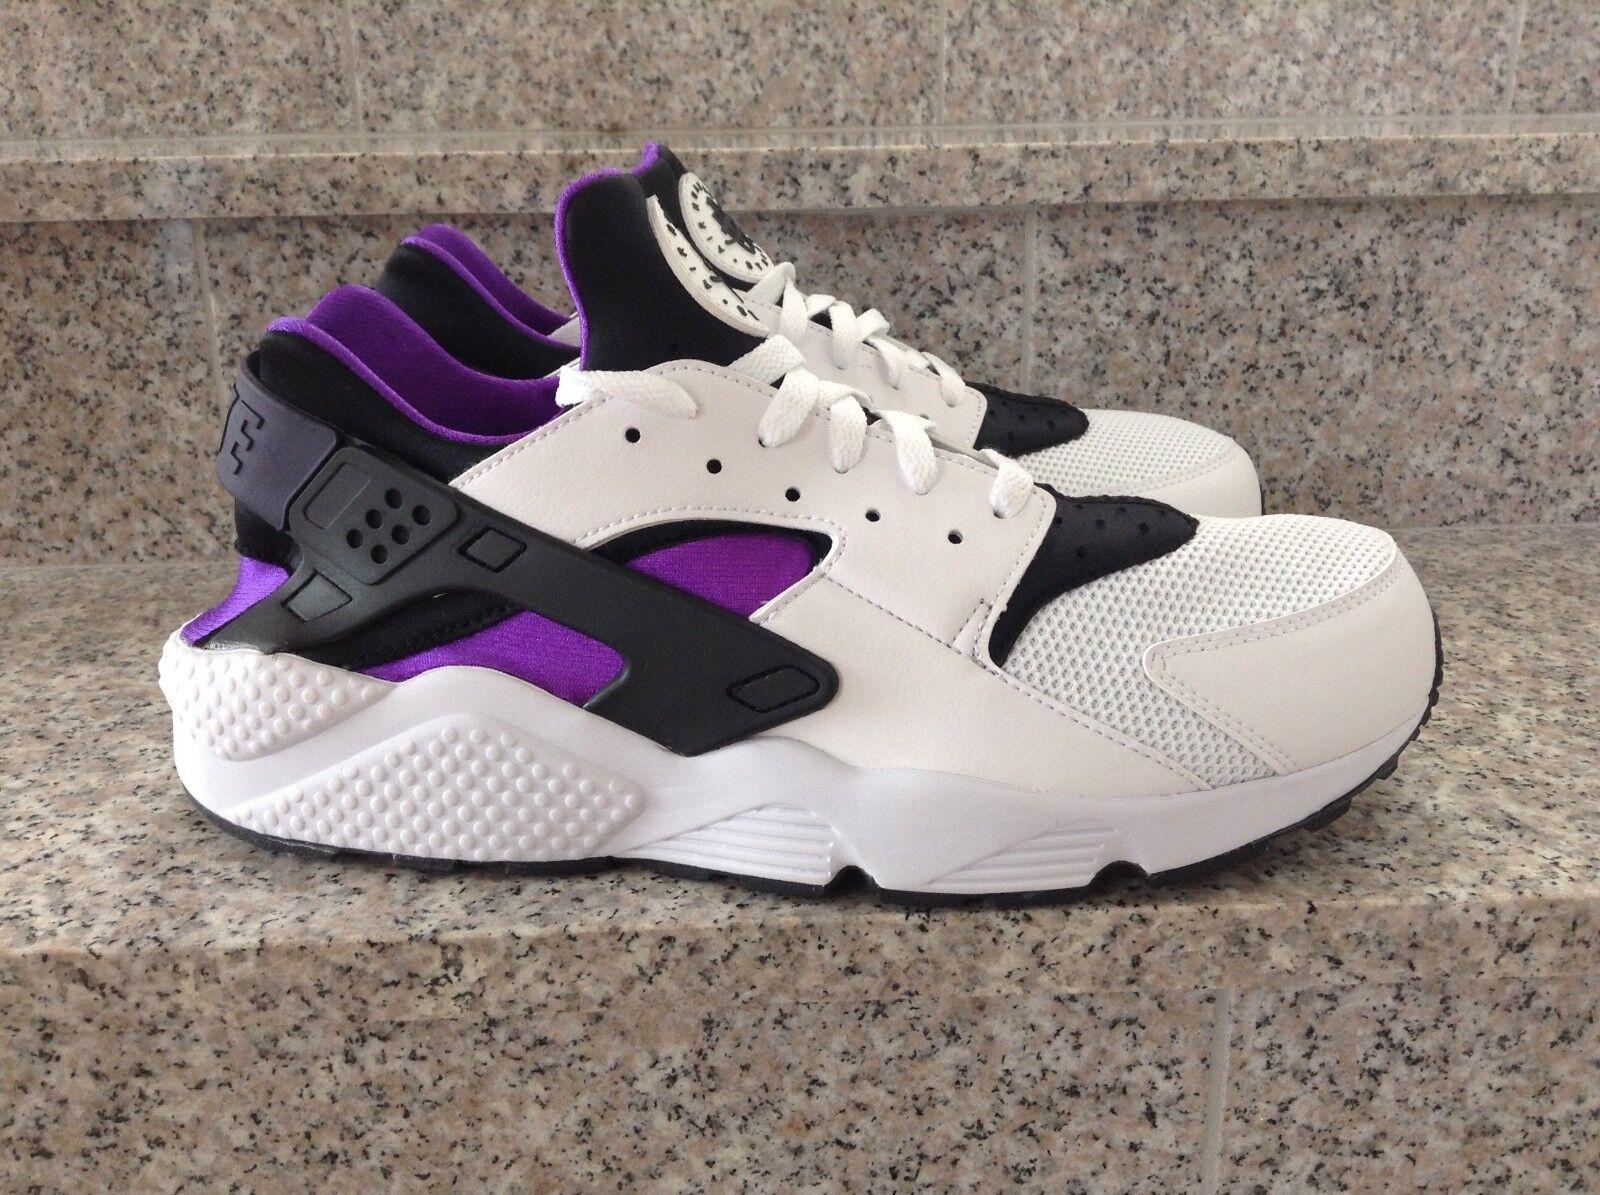 Nike air Huarache Hyper grape purple punch US 13